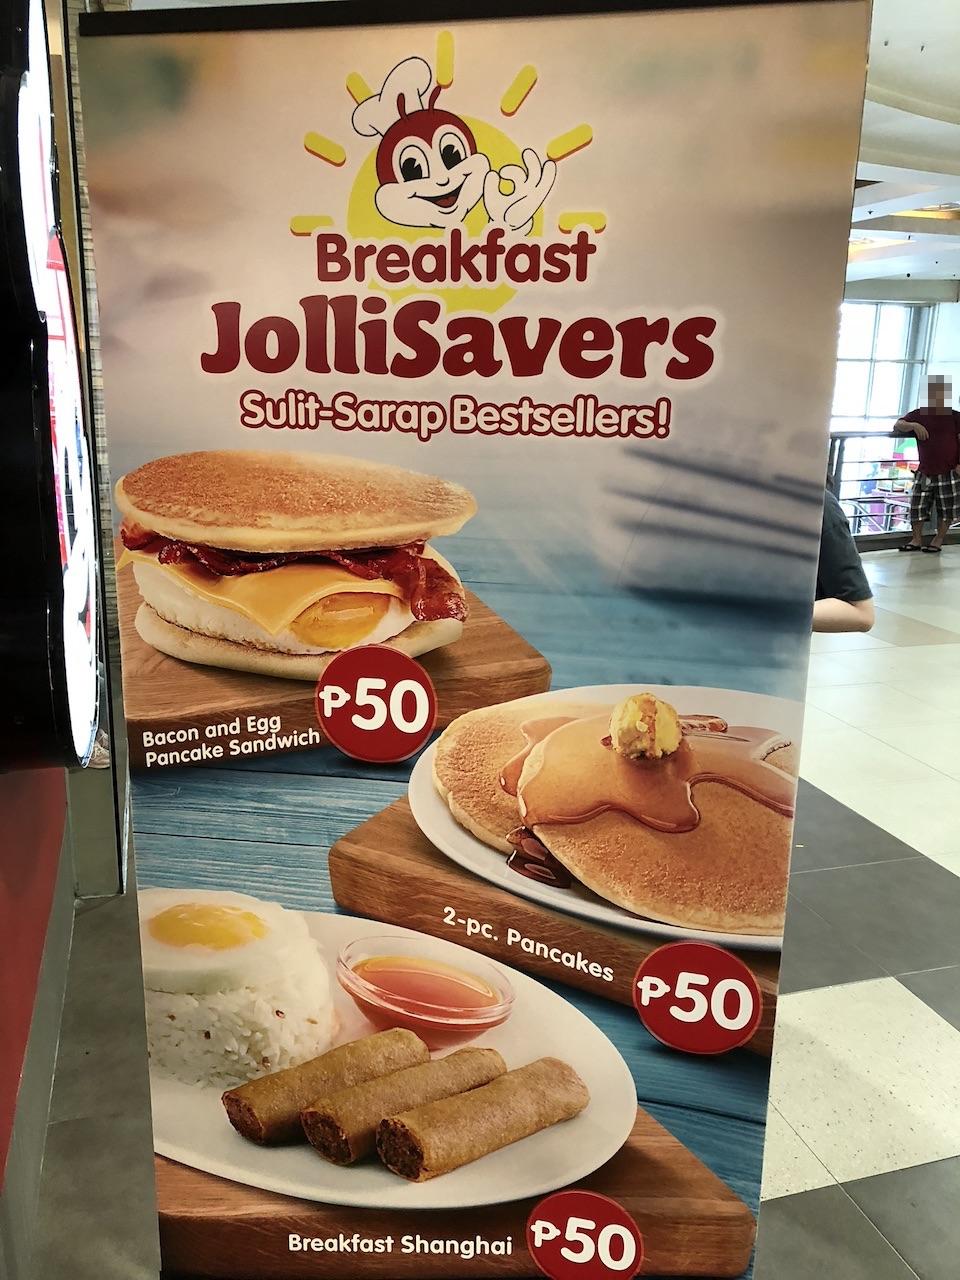 セブ島でフィリピン発祥のファーストフード店Jollibeeに行ってみた